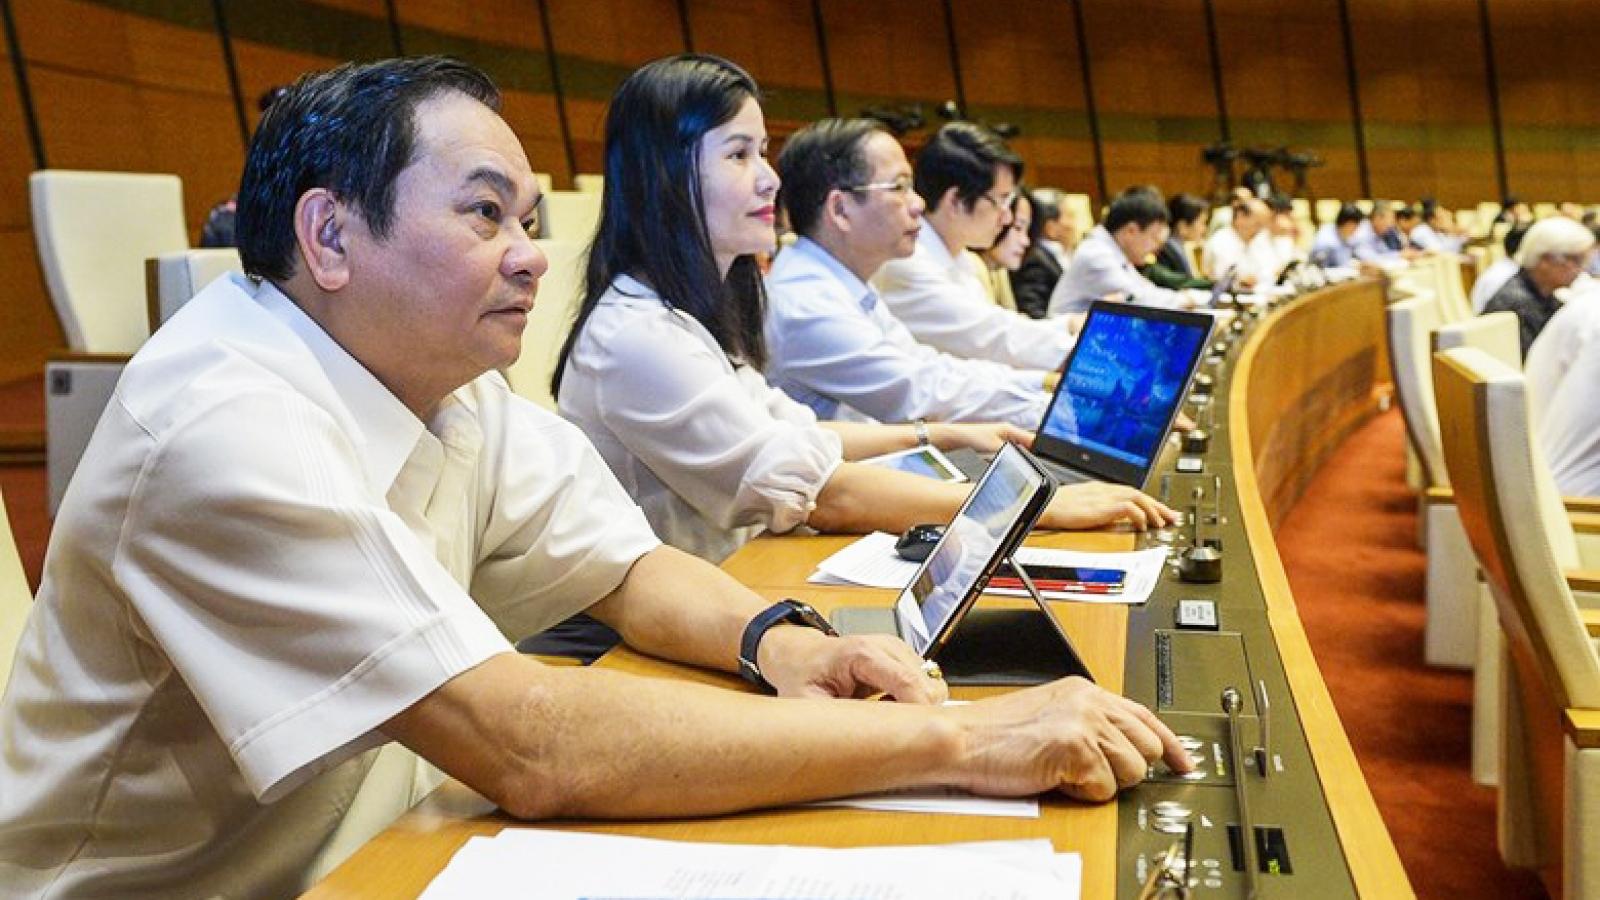 Quốc hội thông qua Luật Cư trú: Sổ hộ khẩu chỉ được dùng đến 2022